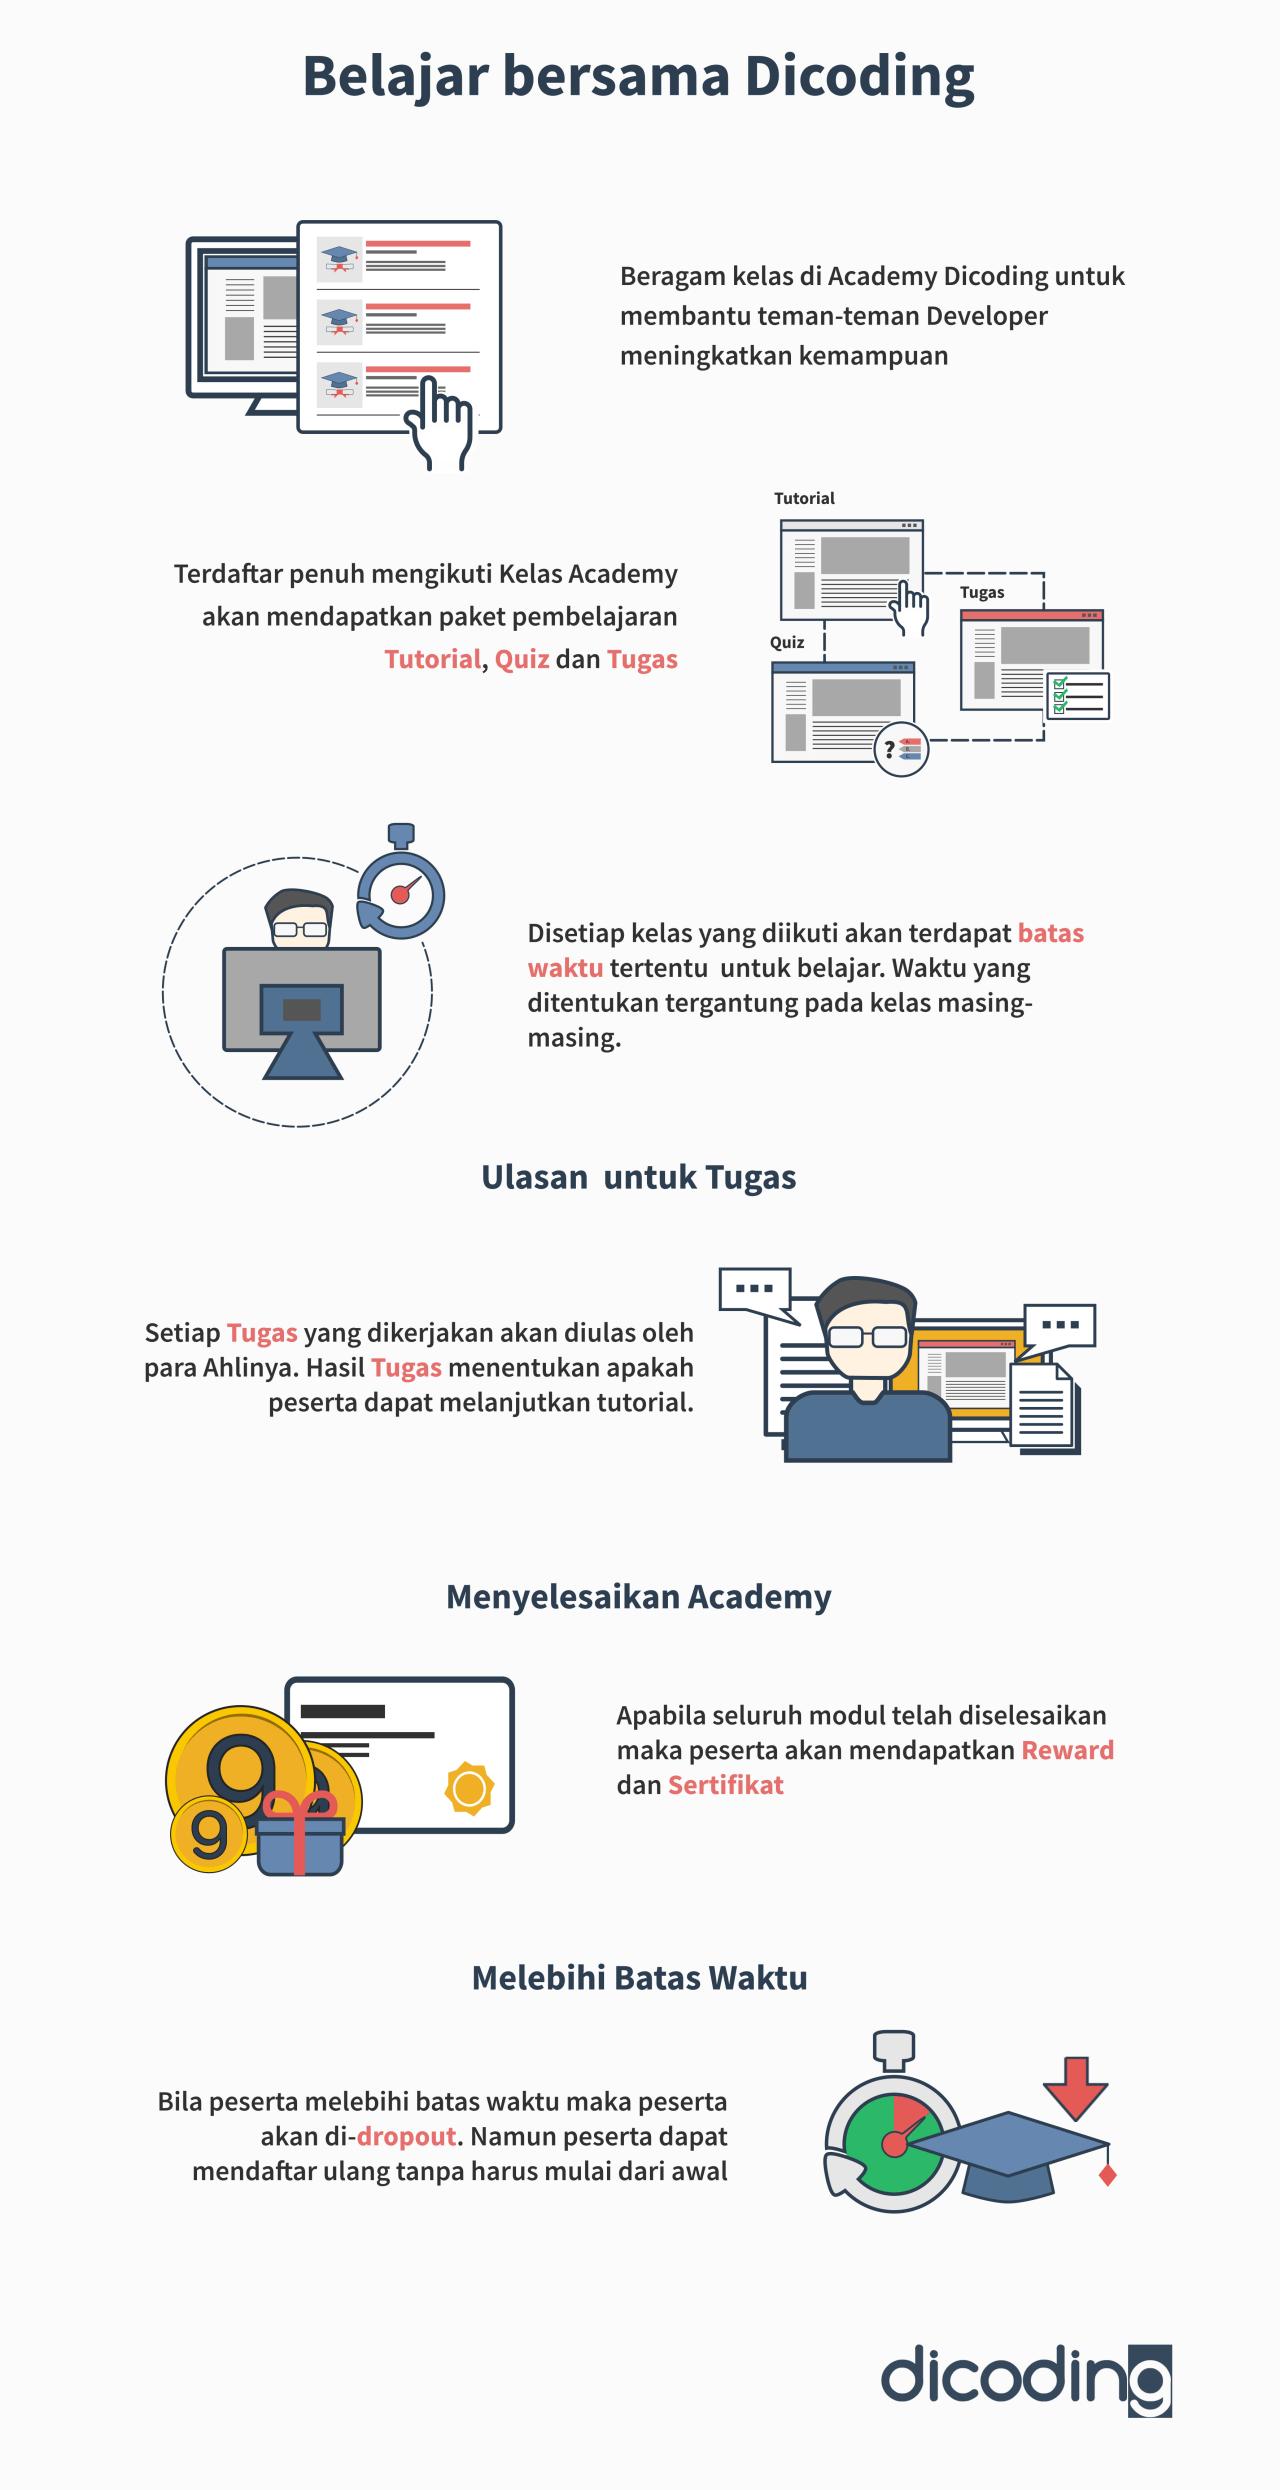 Bagaimana proses belajar di Academy?